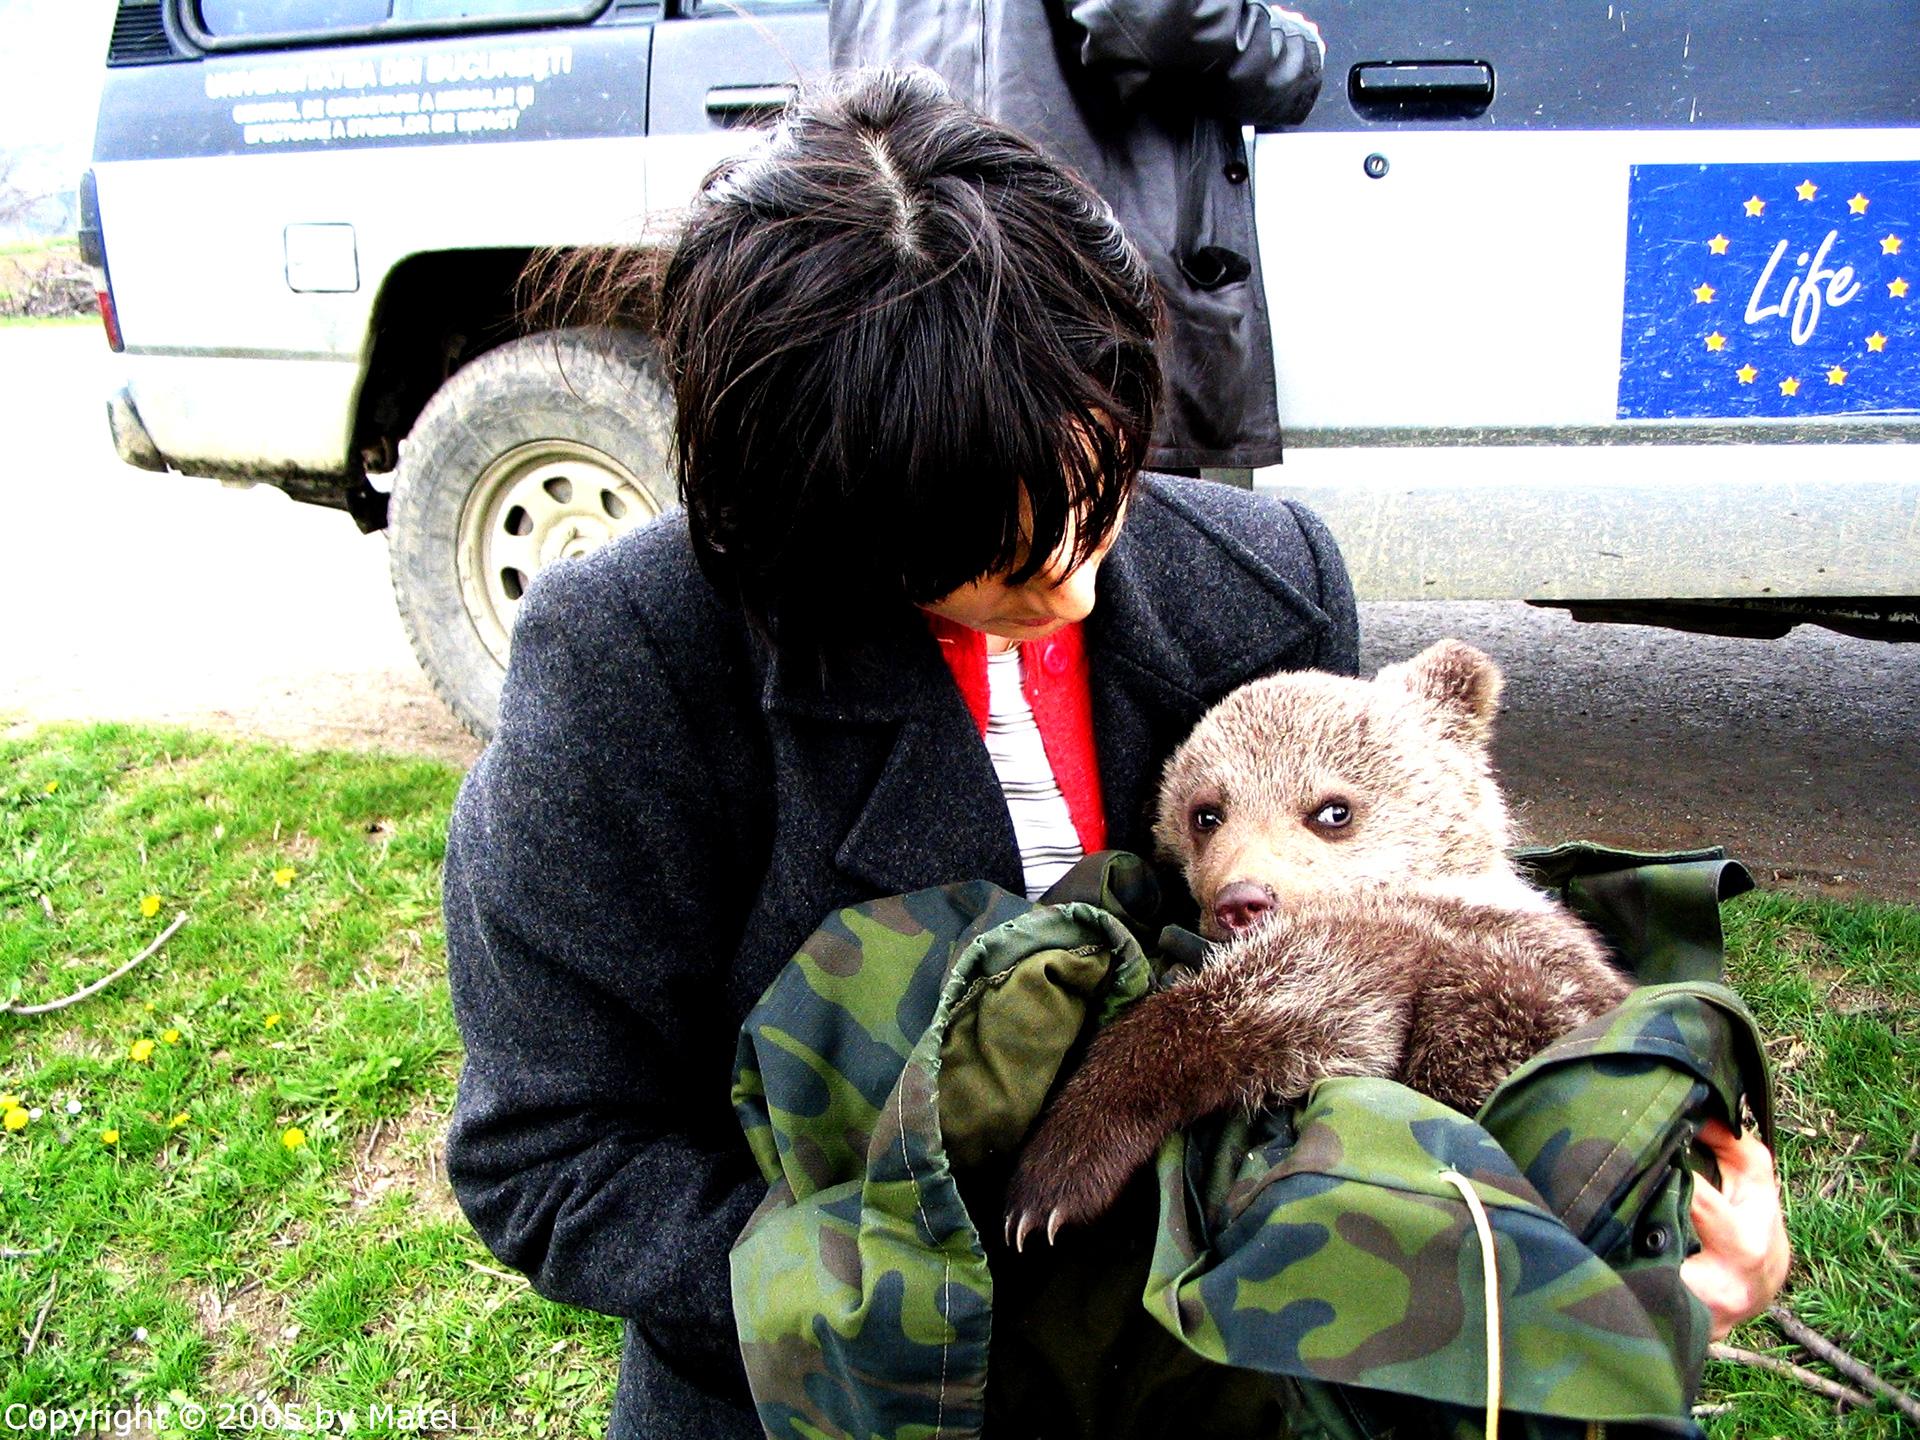 Reabilitare ursi orfani